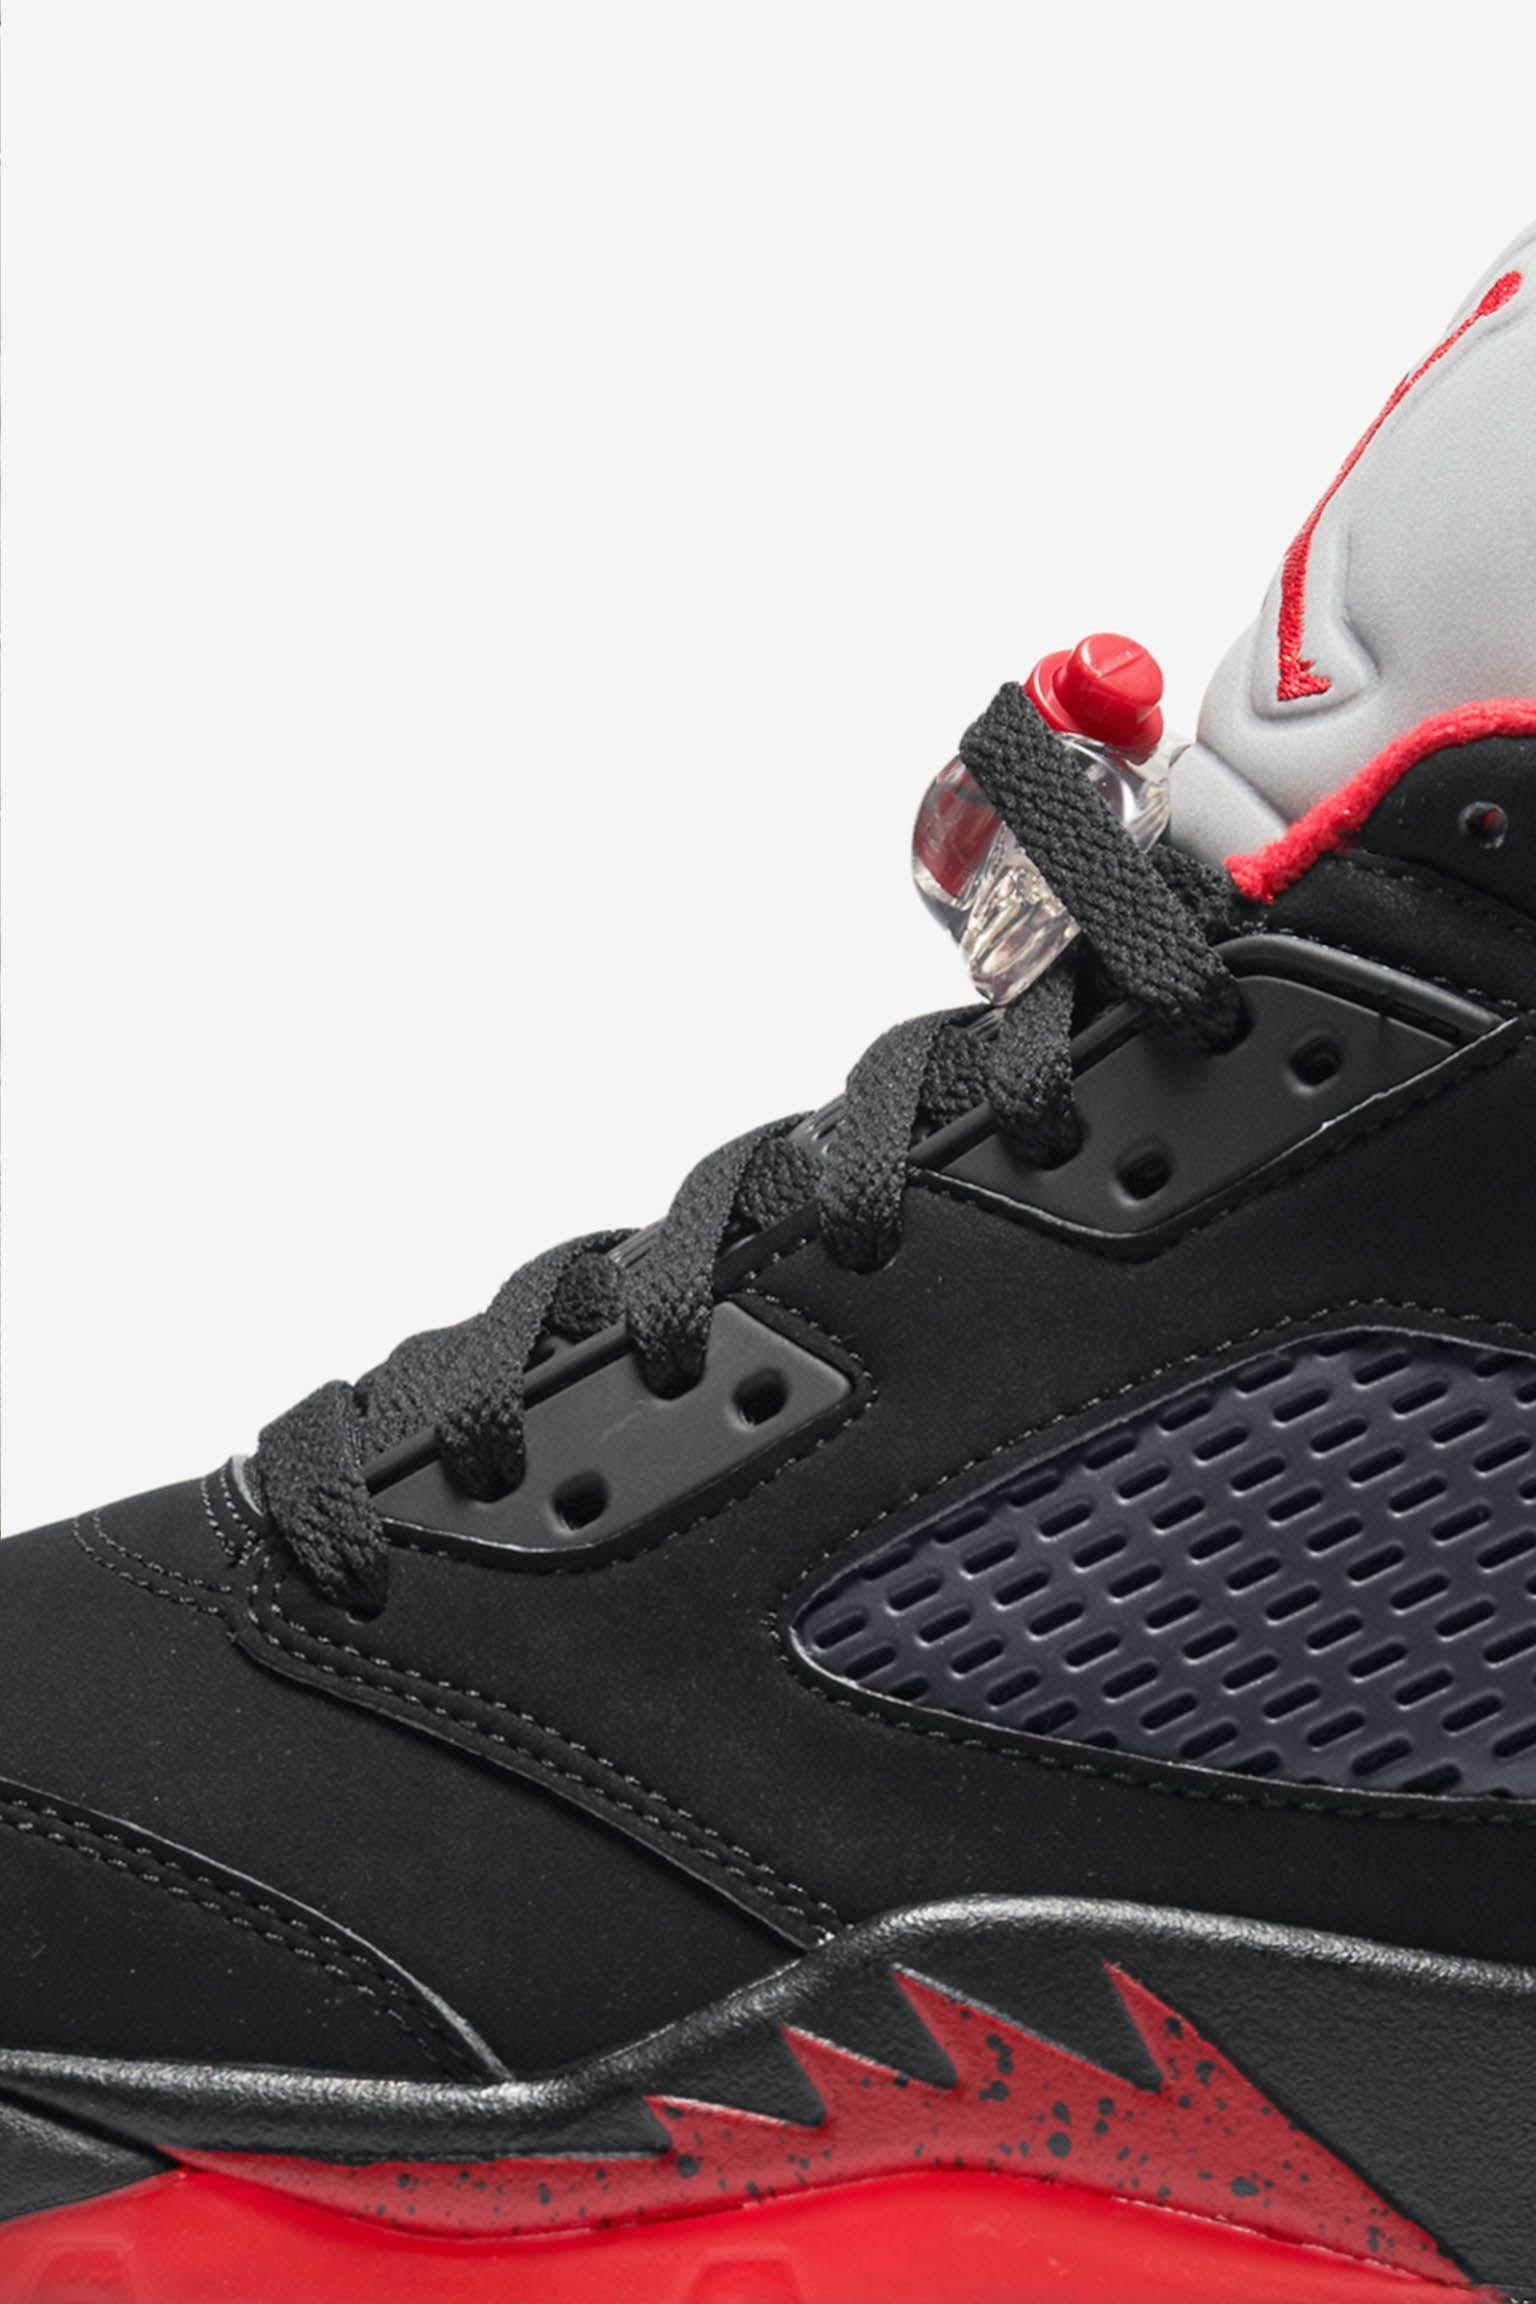 Air Jordan 5 Retro Low 'Alternate' Release Date